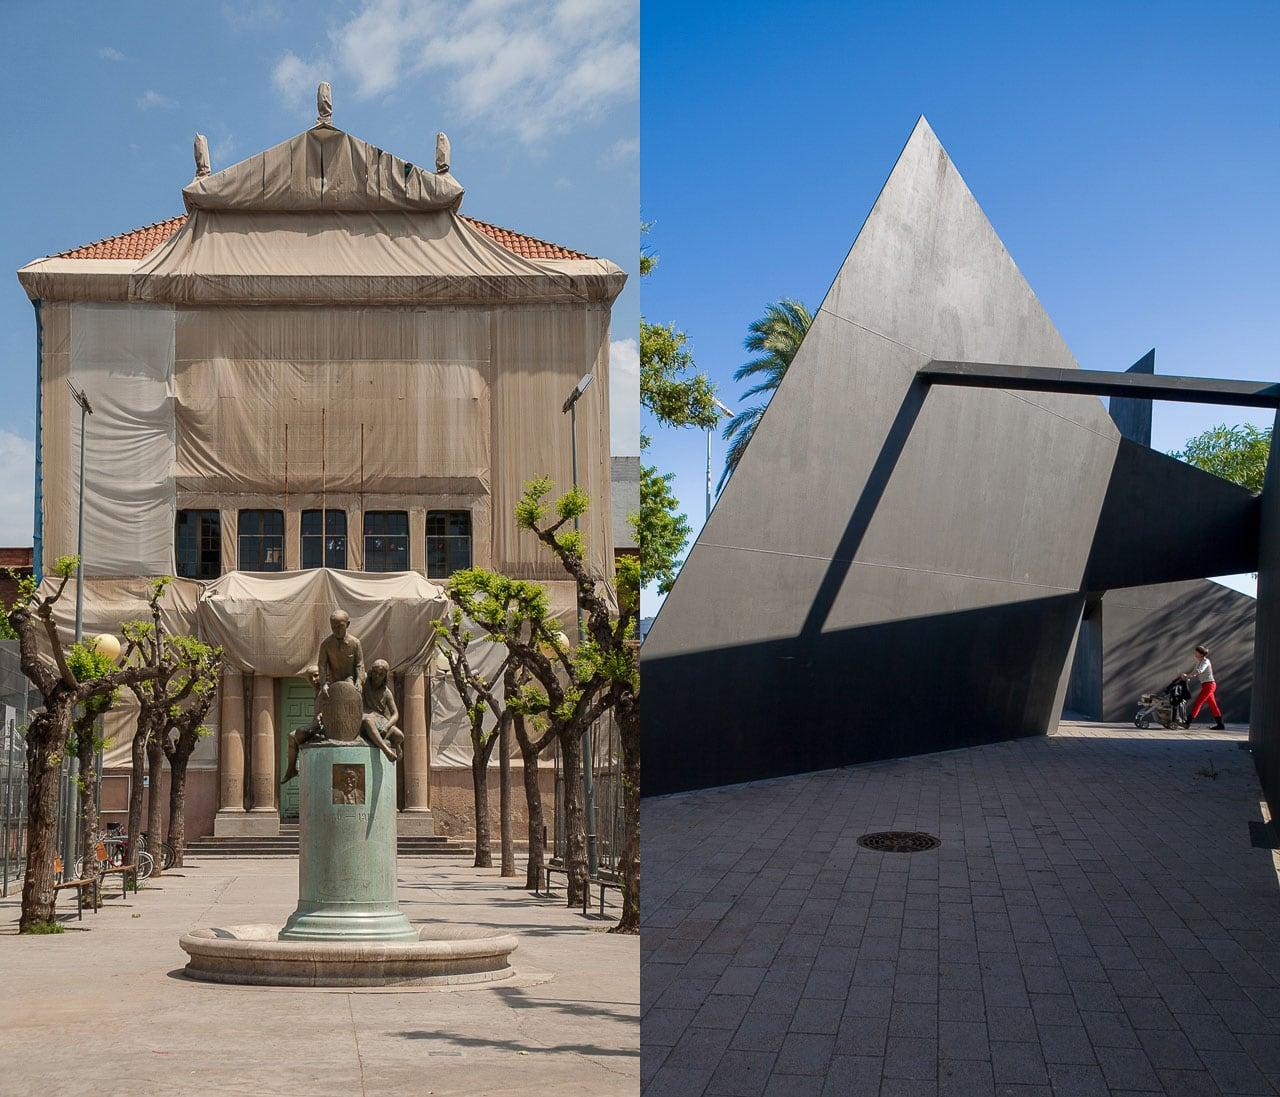 Detalles fotografia arquitectura Barceloba